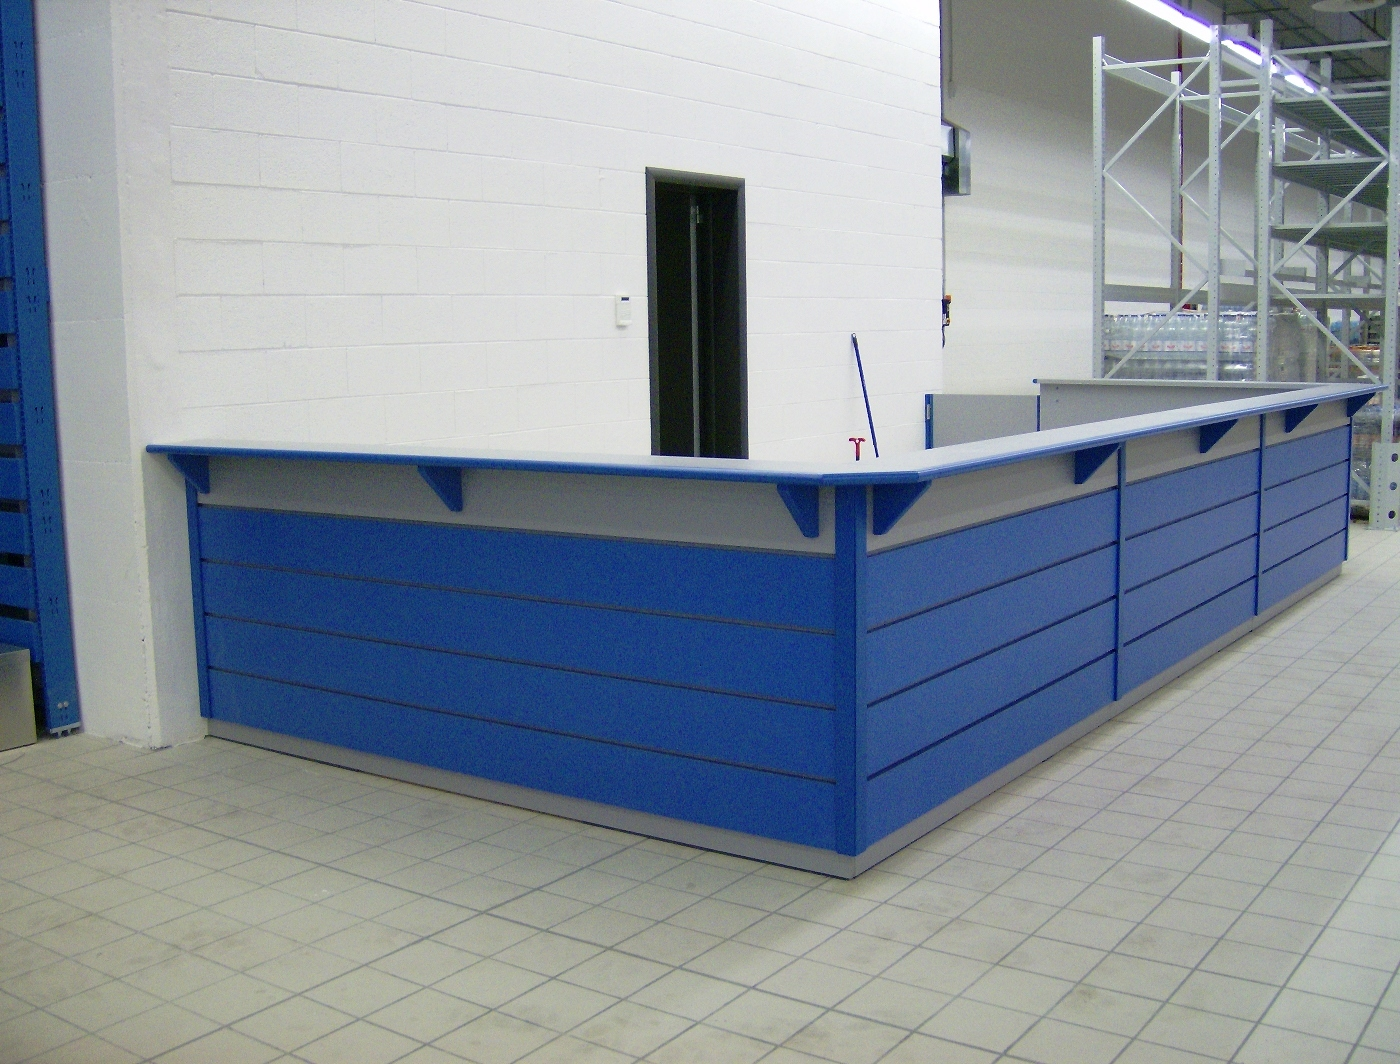 Centro commerciale torino zetadesign contract arredamento brescia mobili su misura - Brescia mobili torino ...